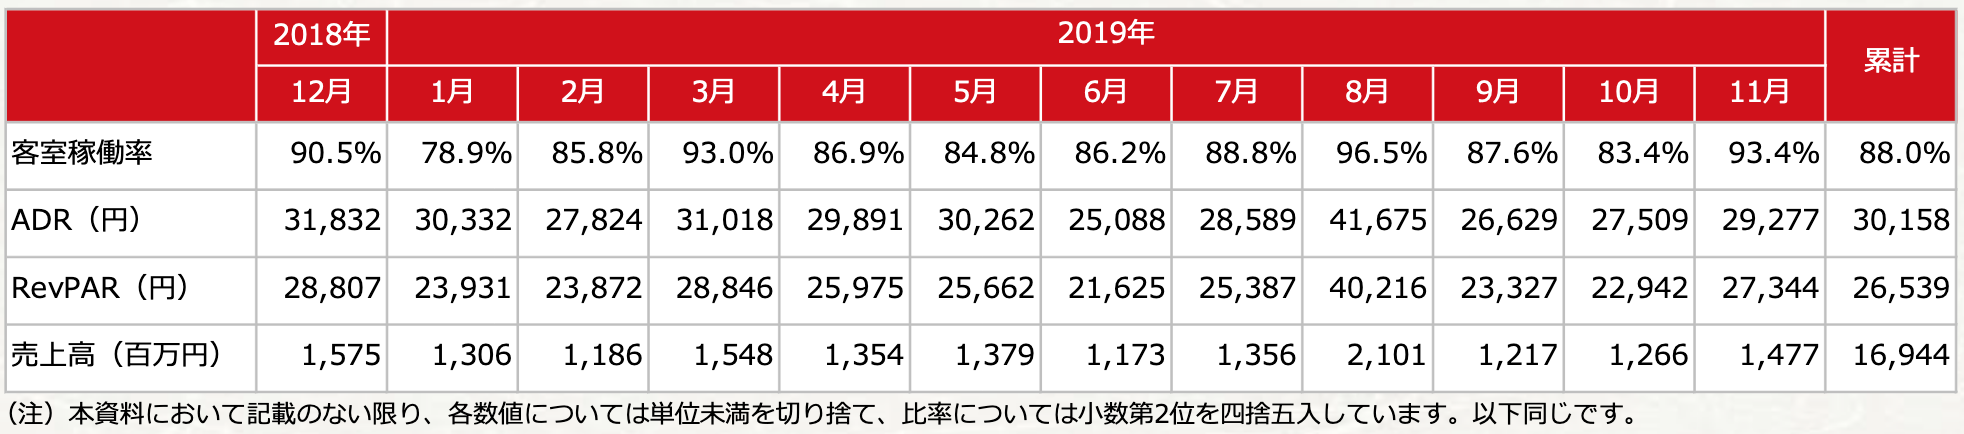 大江戸温泉リート全体・2019年(稼働率、ADR、RevPER、売上)